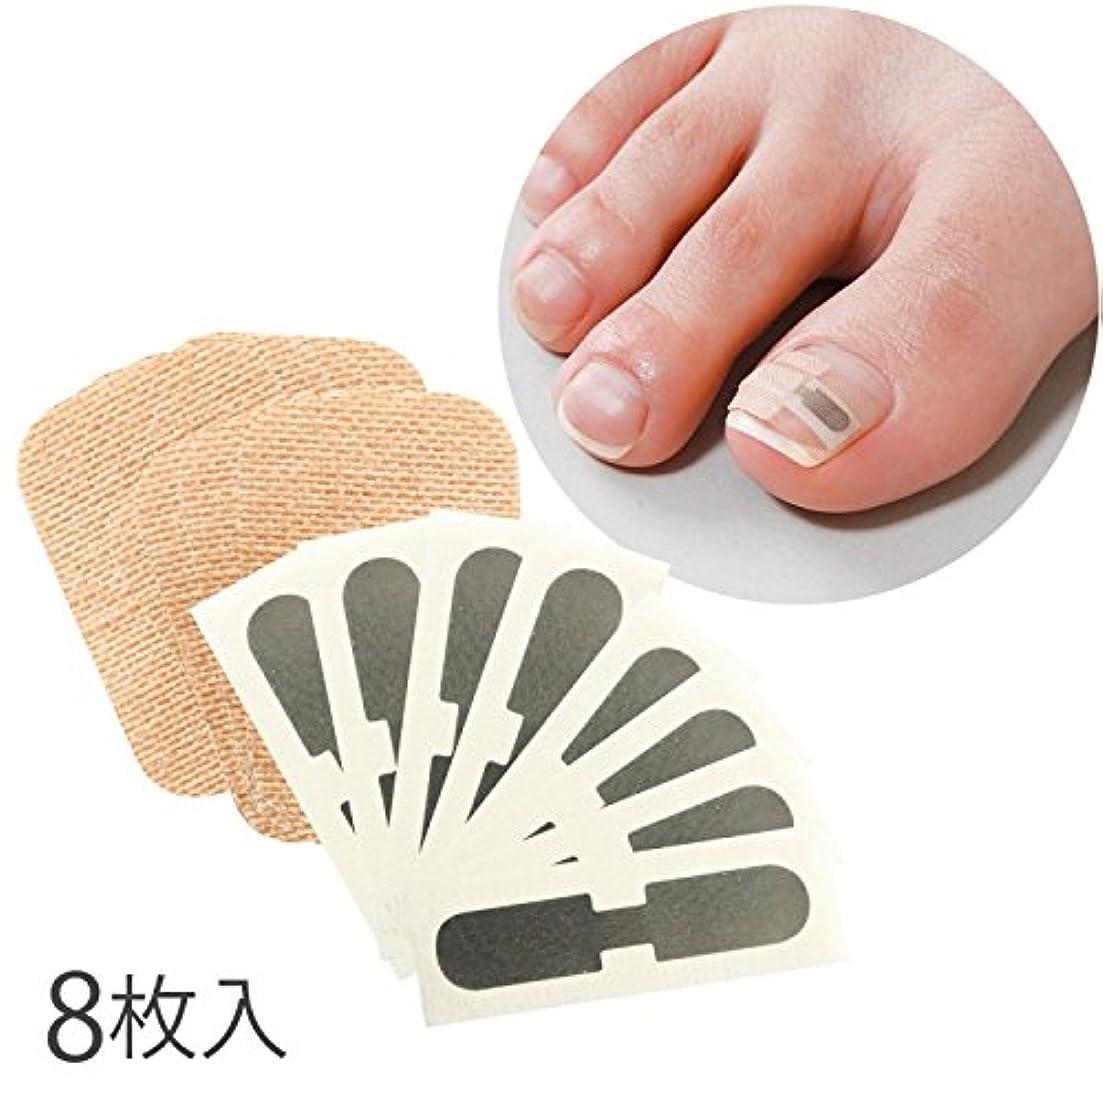 伸ばすコンテスト咳巻き爪リフトシール 1ヶ月ケア 8回分 / 8-4134-01